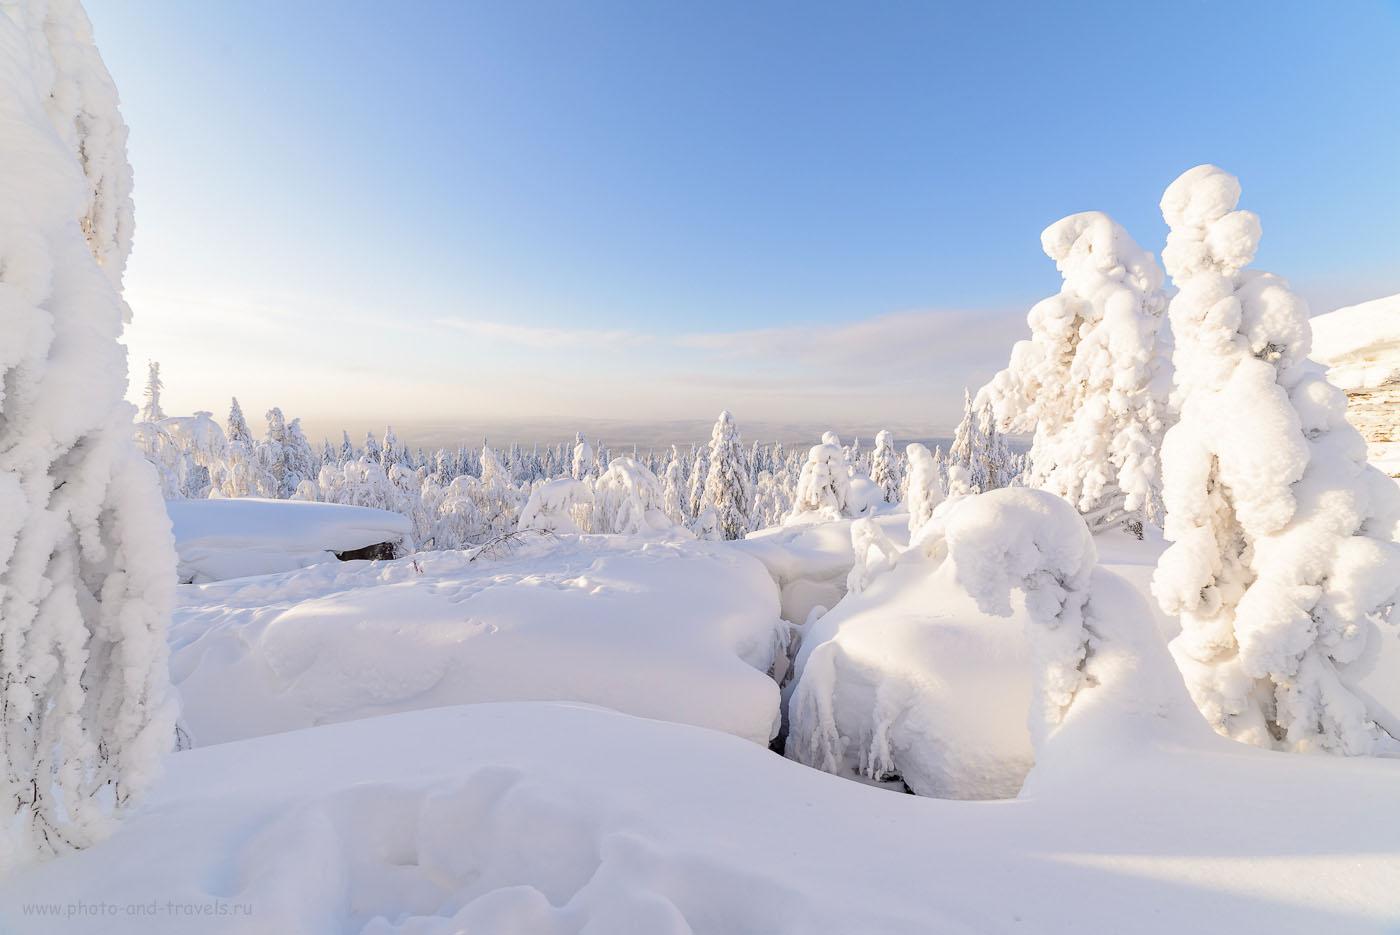 Фотография 22. Зимние красоты в Каменном городе. Отзывы о поездке выходного дня на машине по Пермскому краю. 1/320, +0.67, 9.0, 320, 14.